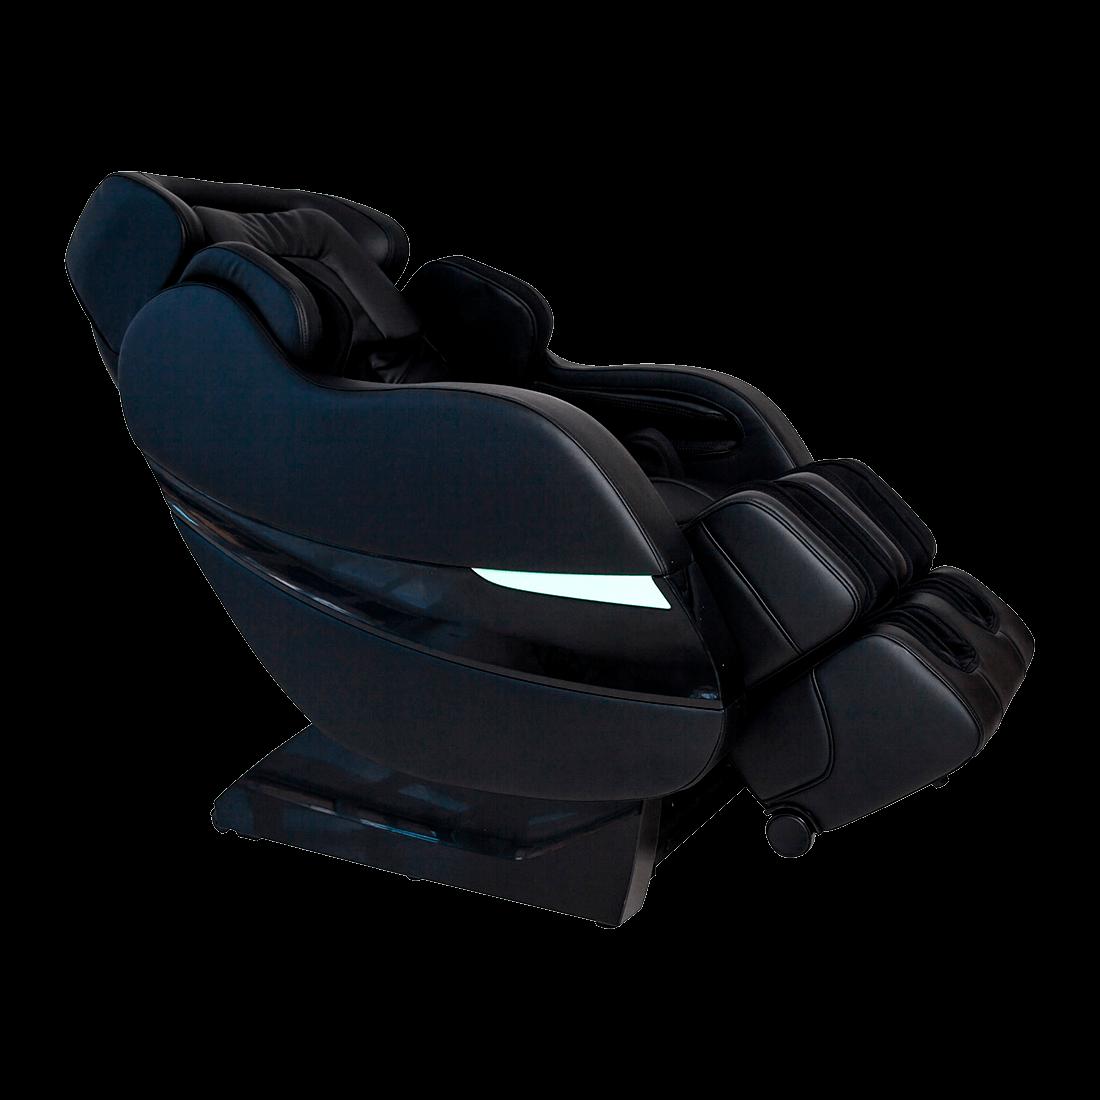 Rolfing массажное кресло (черное)